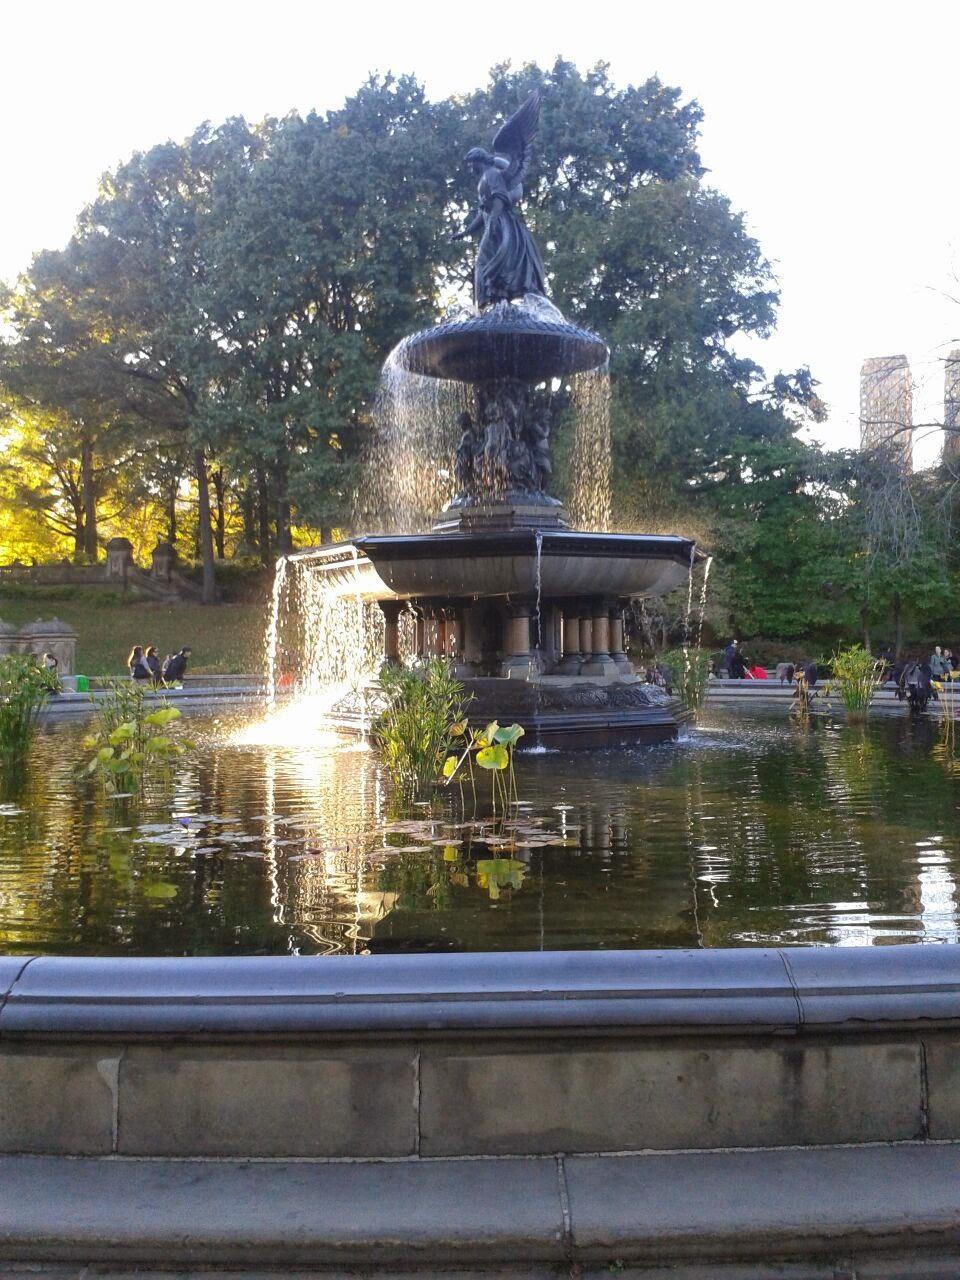 imagen de Fuente en Central Park